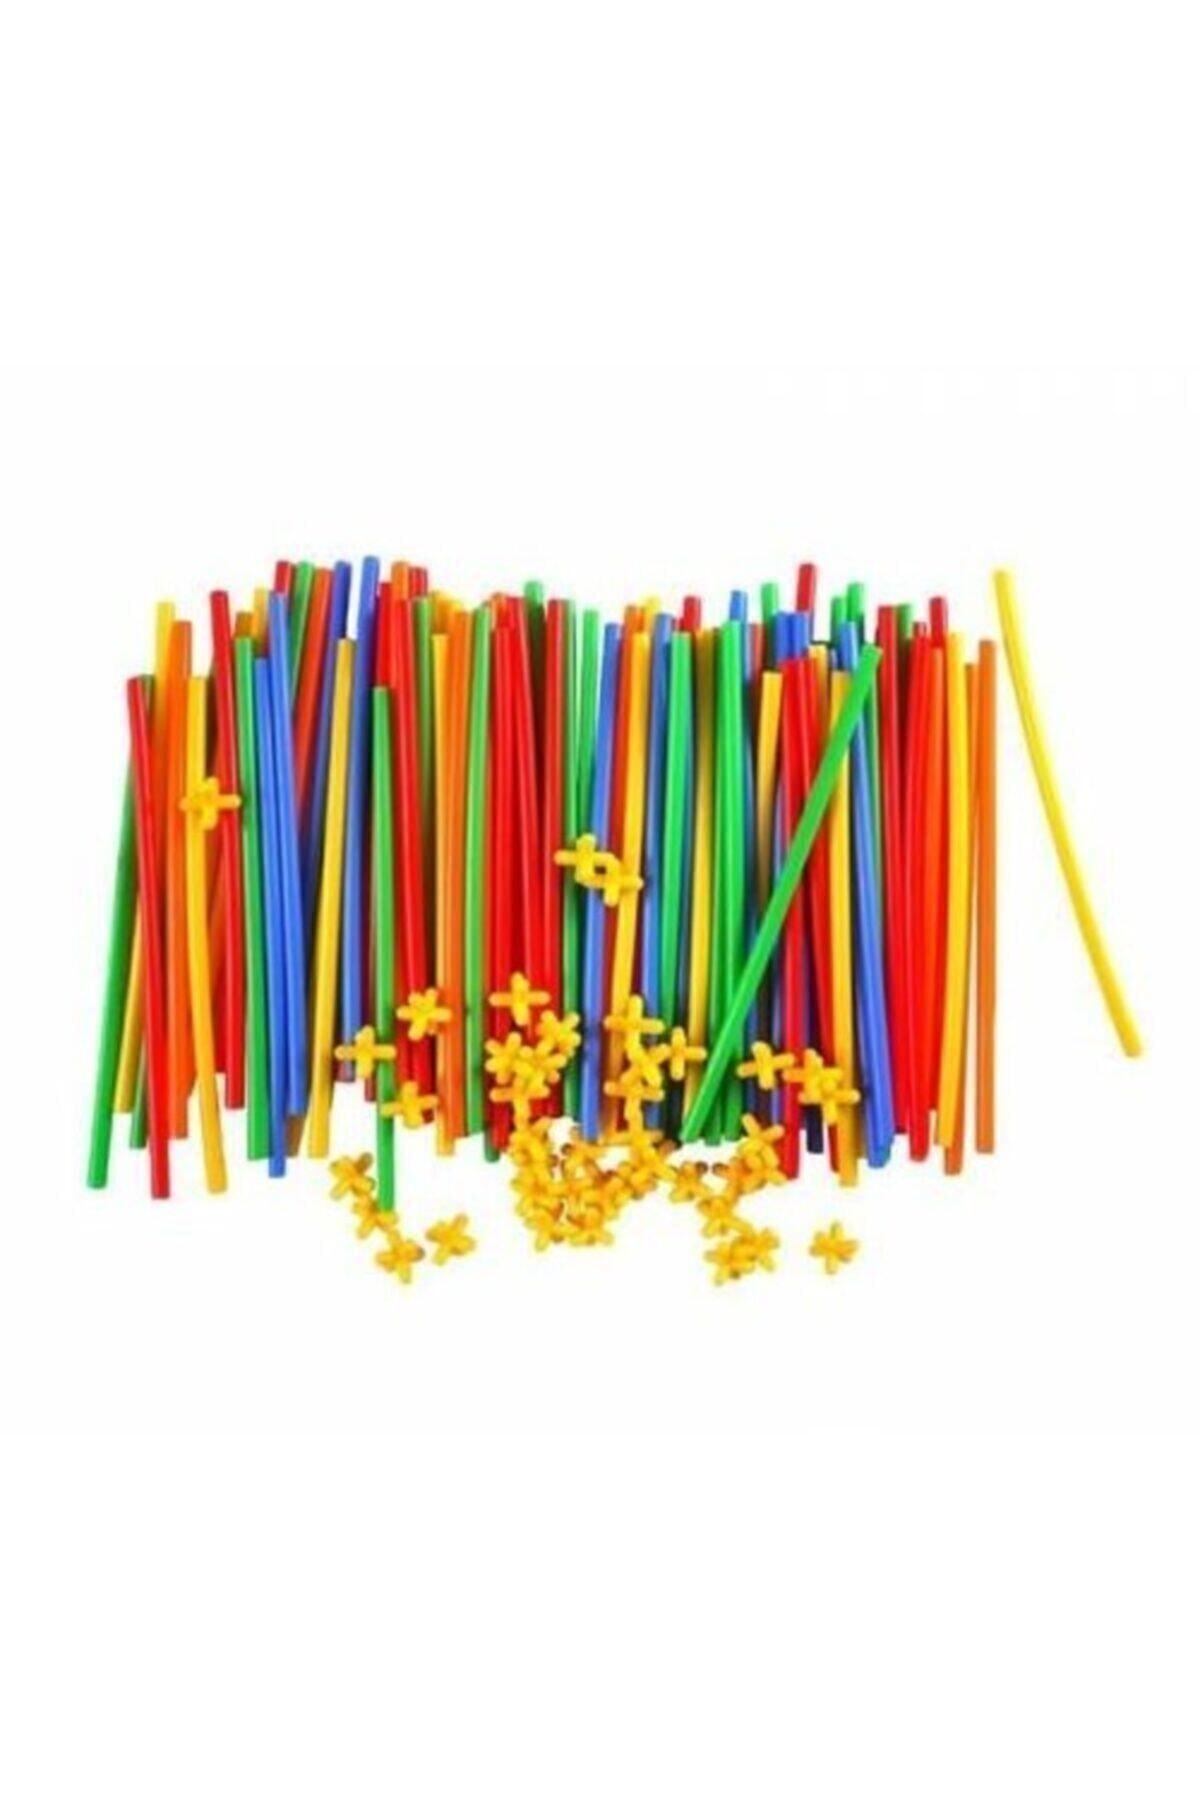 Zekice Oyuncak Zk-e06 Bambu Çubukları Eğitici Birleştirme Aparatlı 300 Parça 2